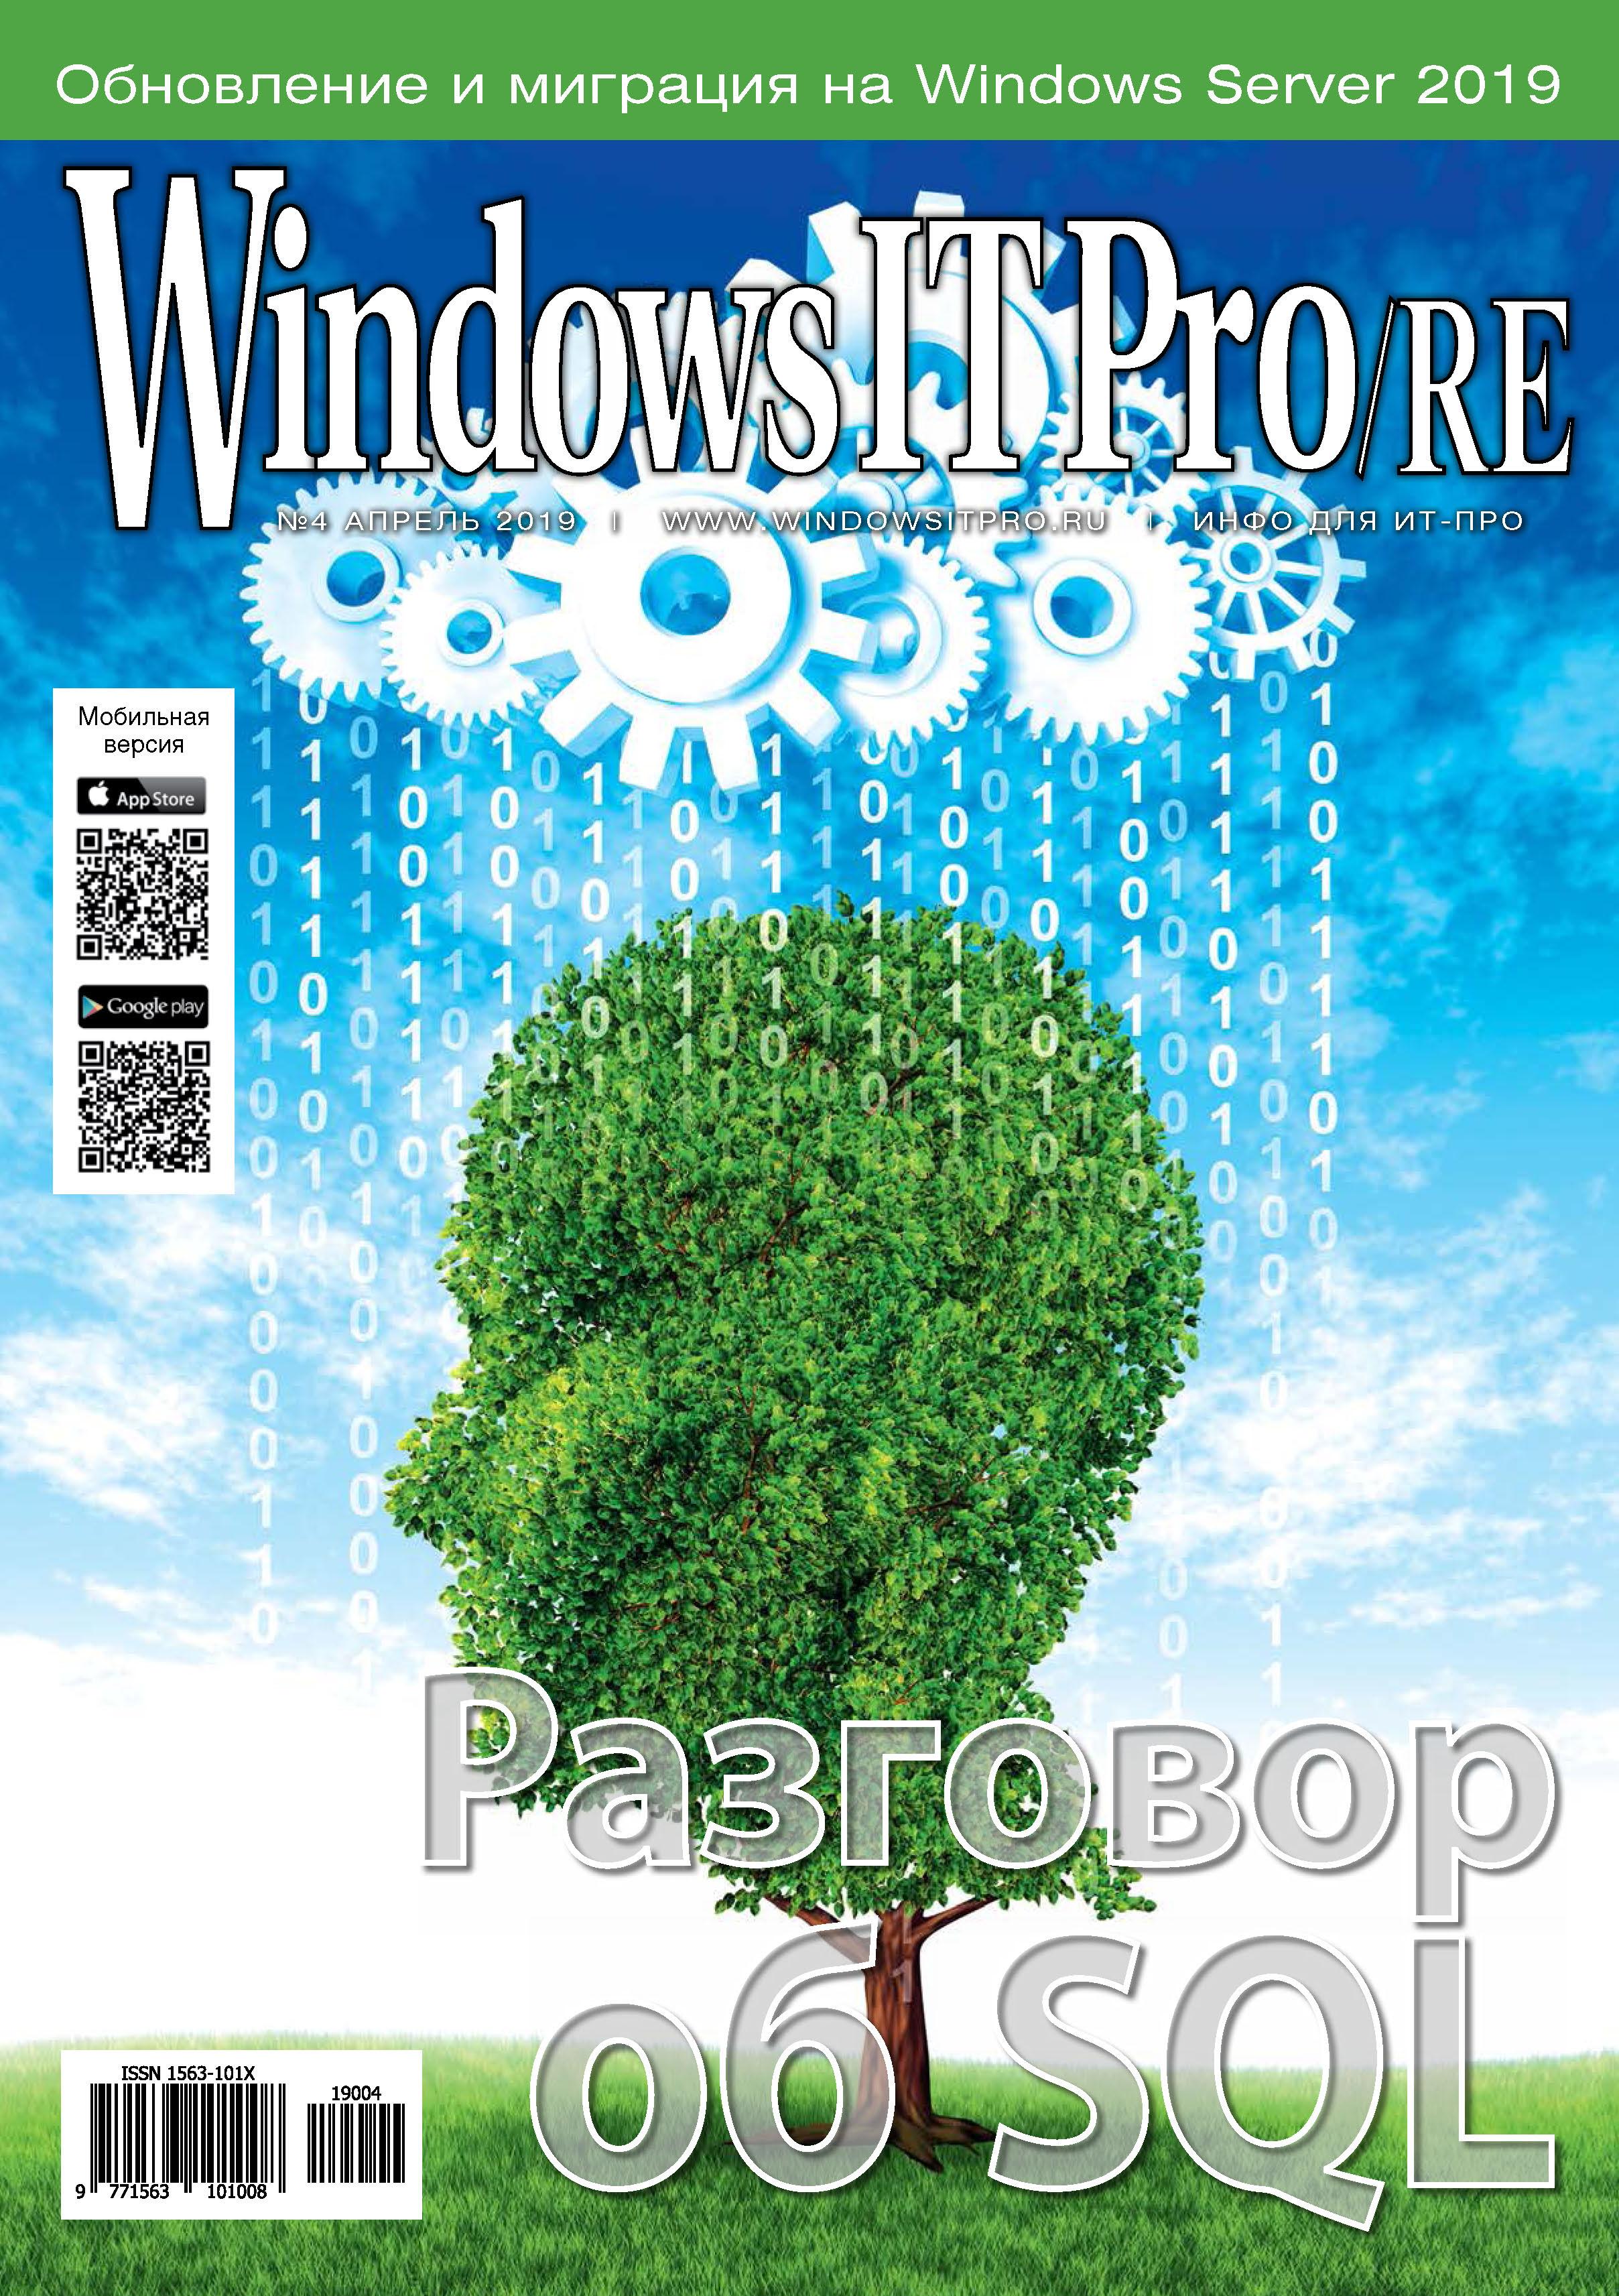 Windows IT Pro/RE №04/2019